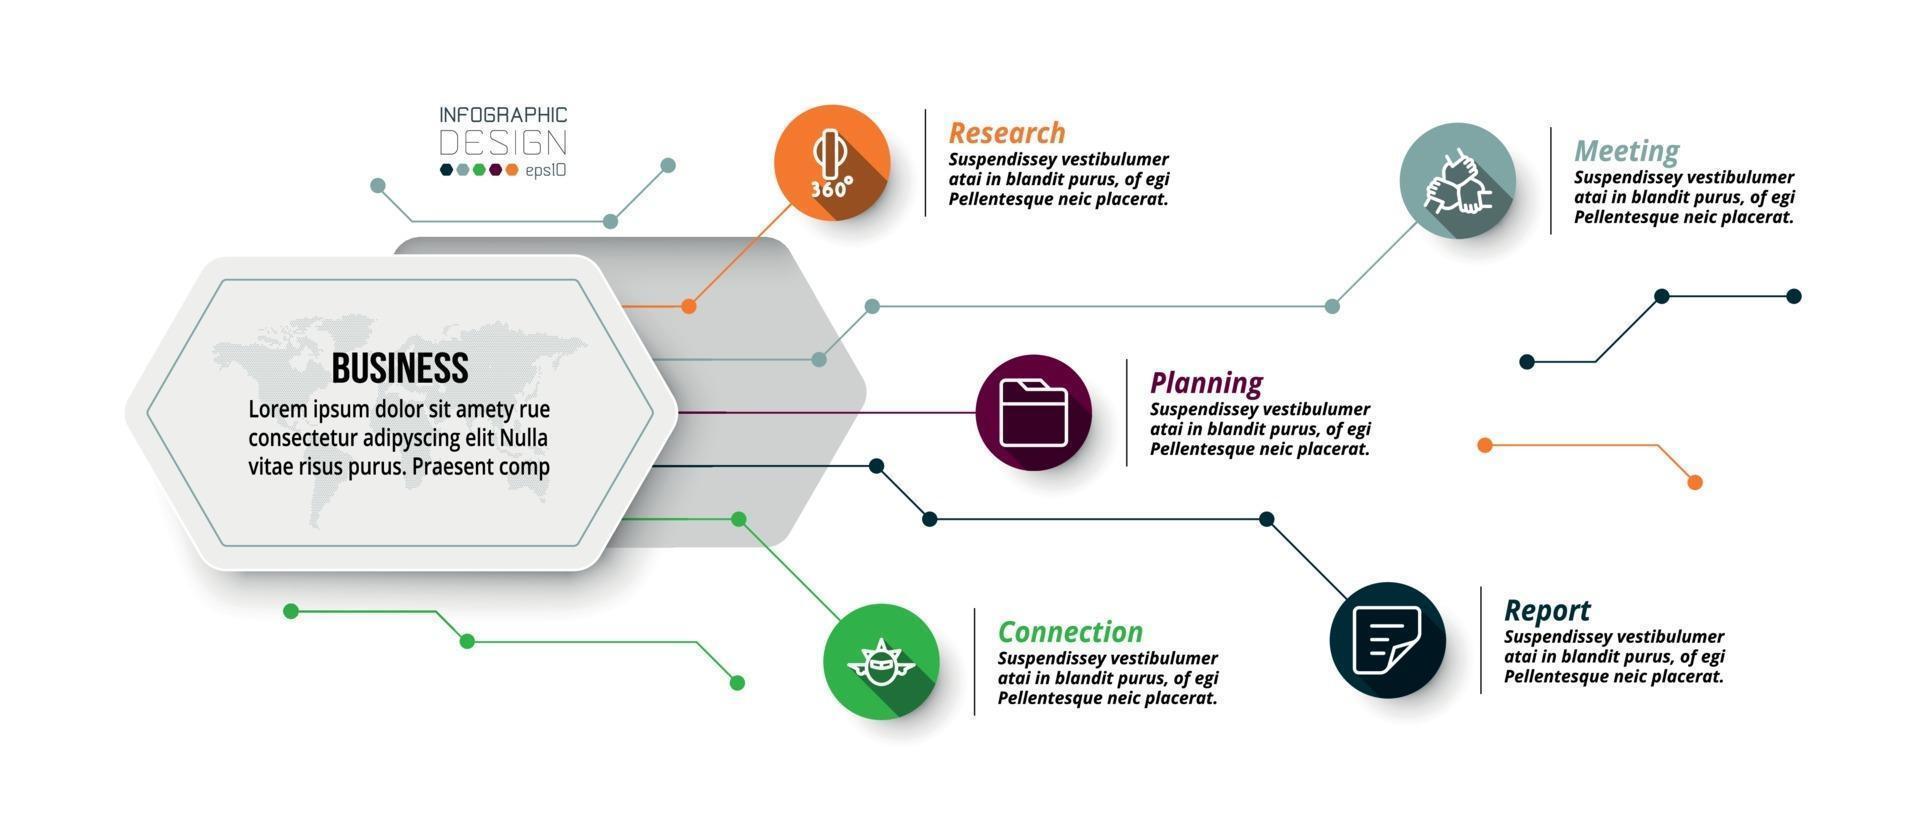 infographie de conception hexagonale. décrit la structure du travail et rend compte du processus de travail sous forme de diagramme. vecteur